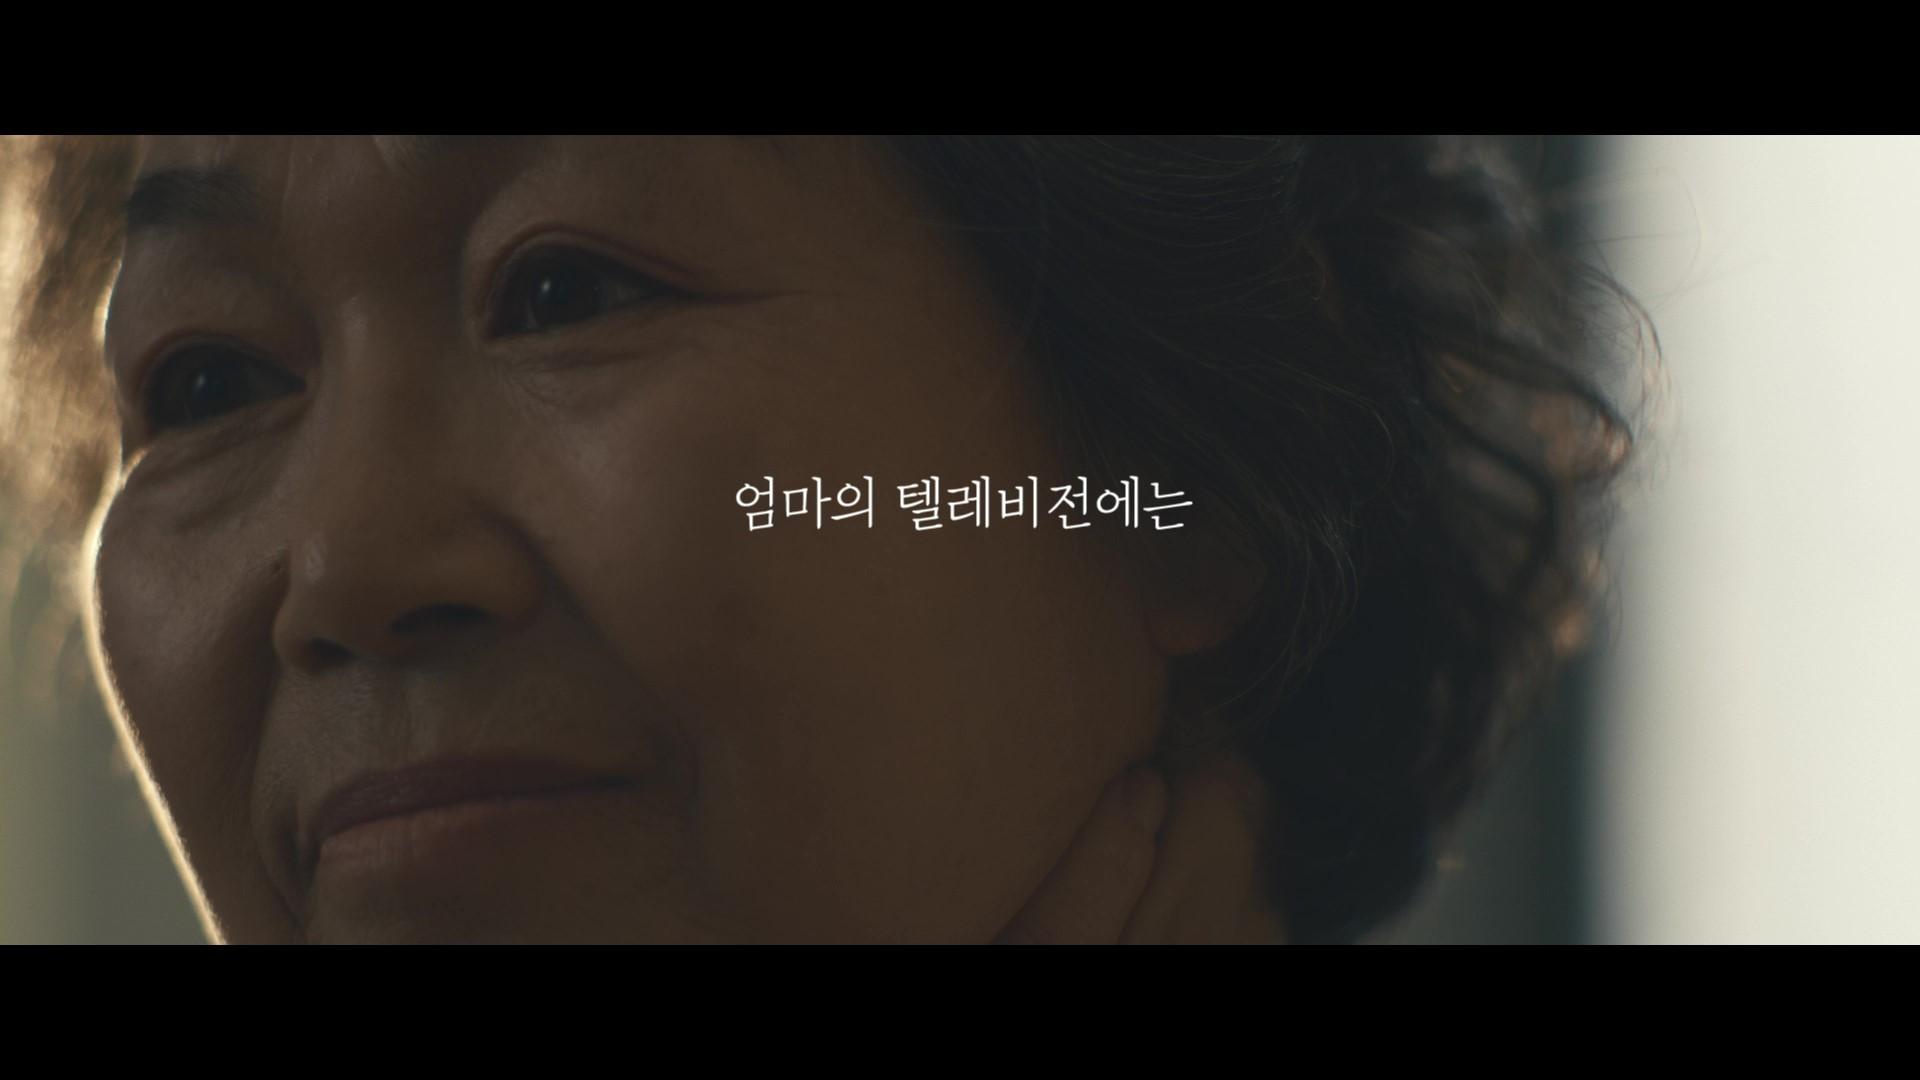 B tv 패밀리 캠페인